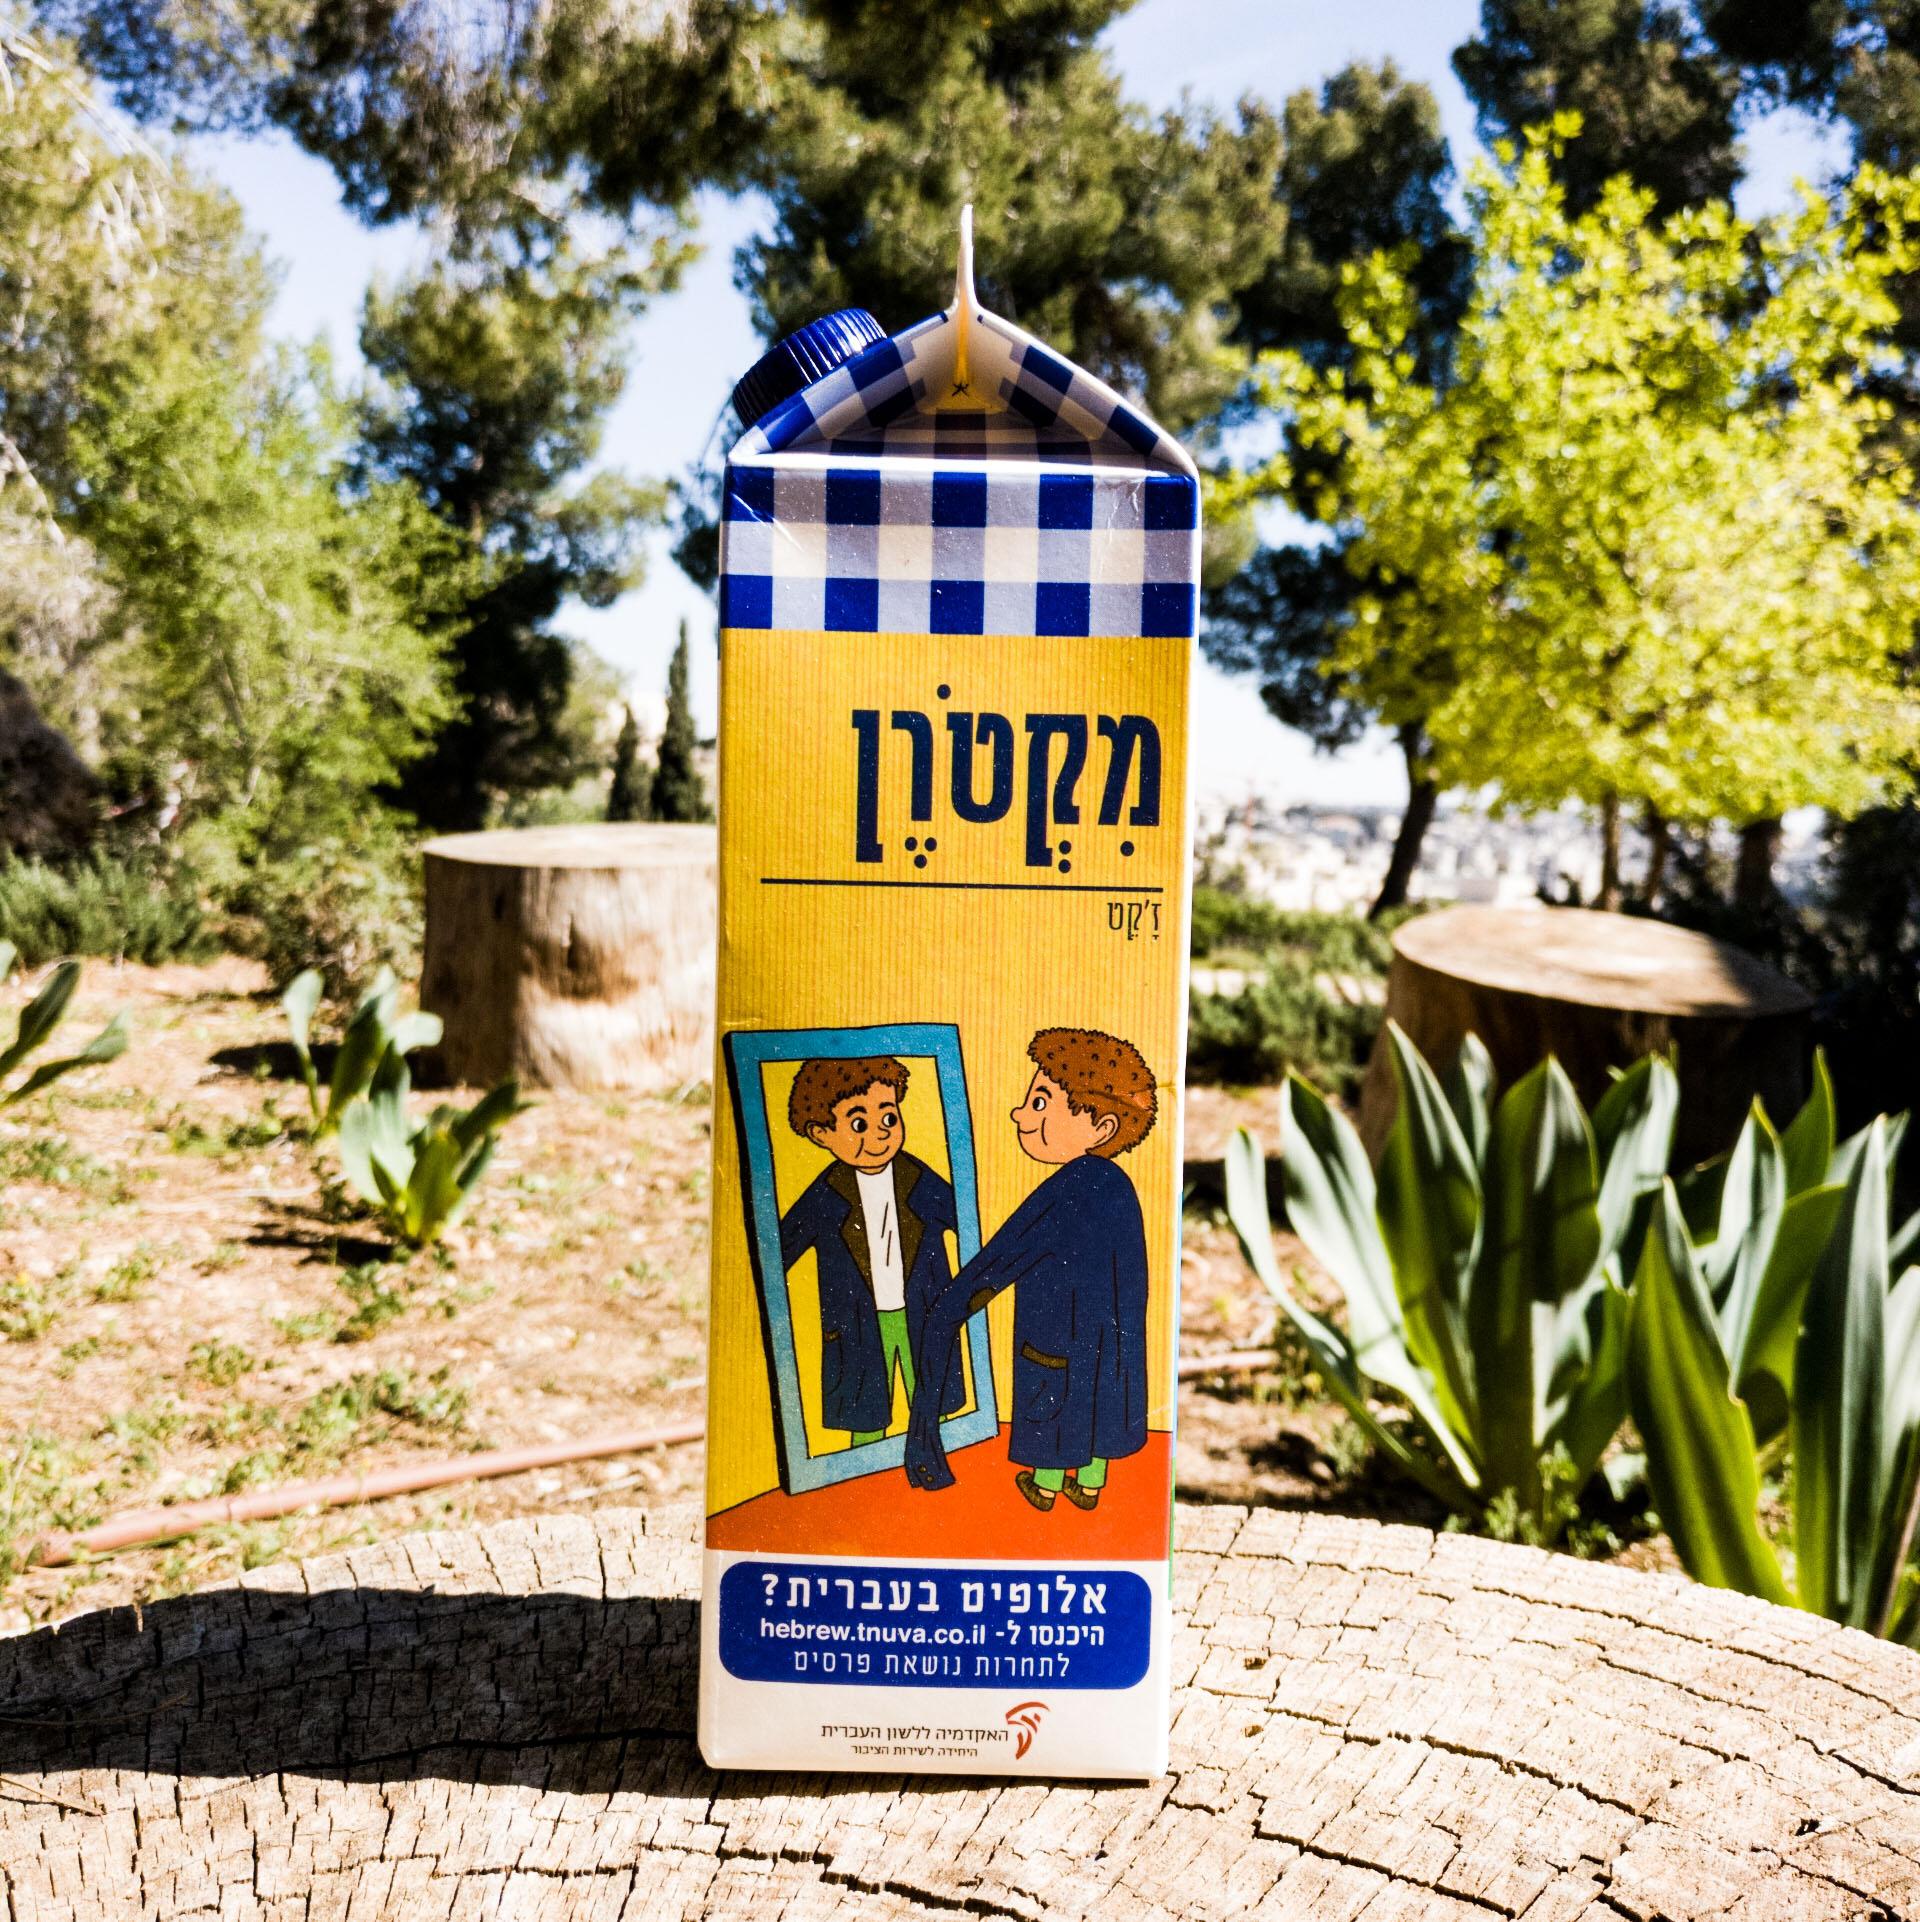 צילום קרטון חלב ועליו איור מילה מחודשת ז'קט-מקטרן